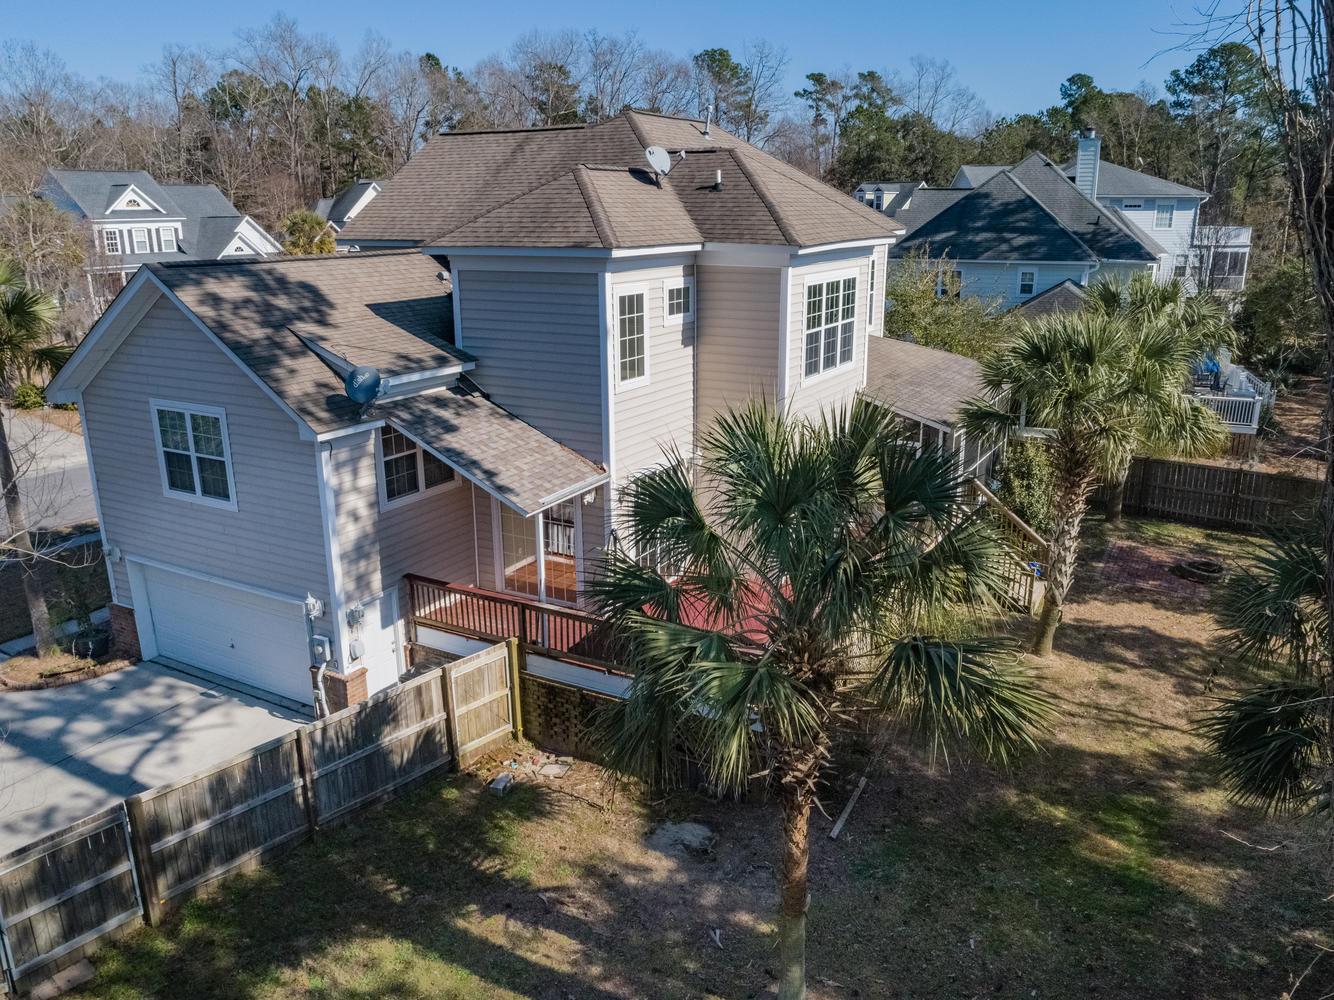 Indigo Fields Homes For Sale - 5584 Indigo Fields, North Charleston, SC - 11